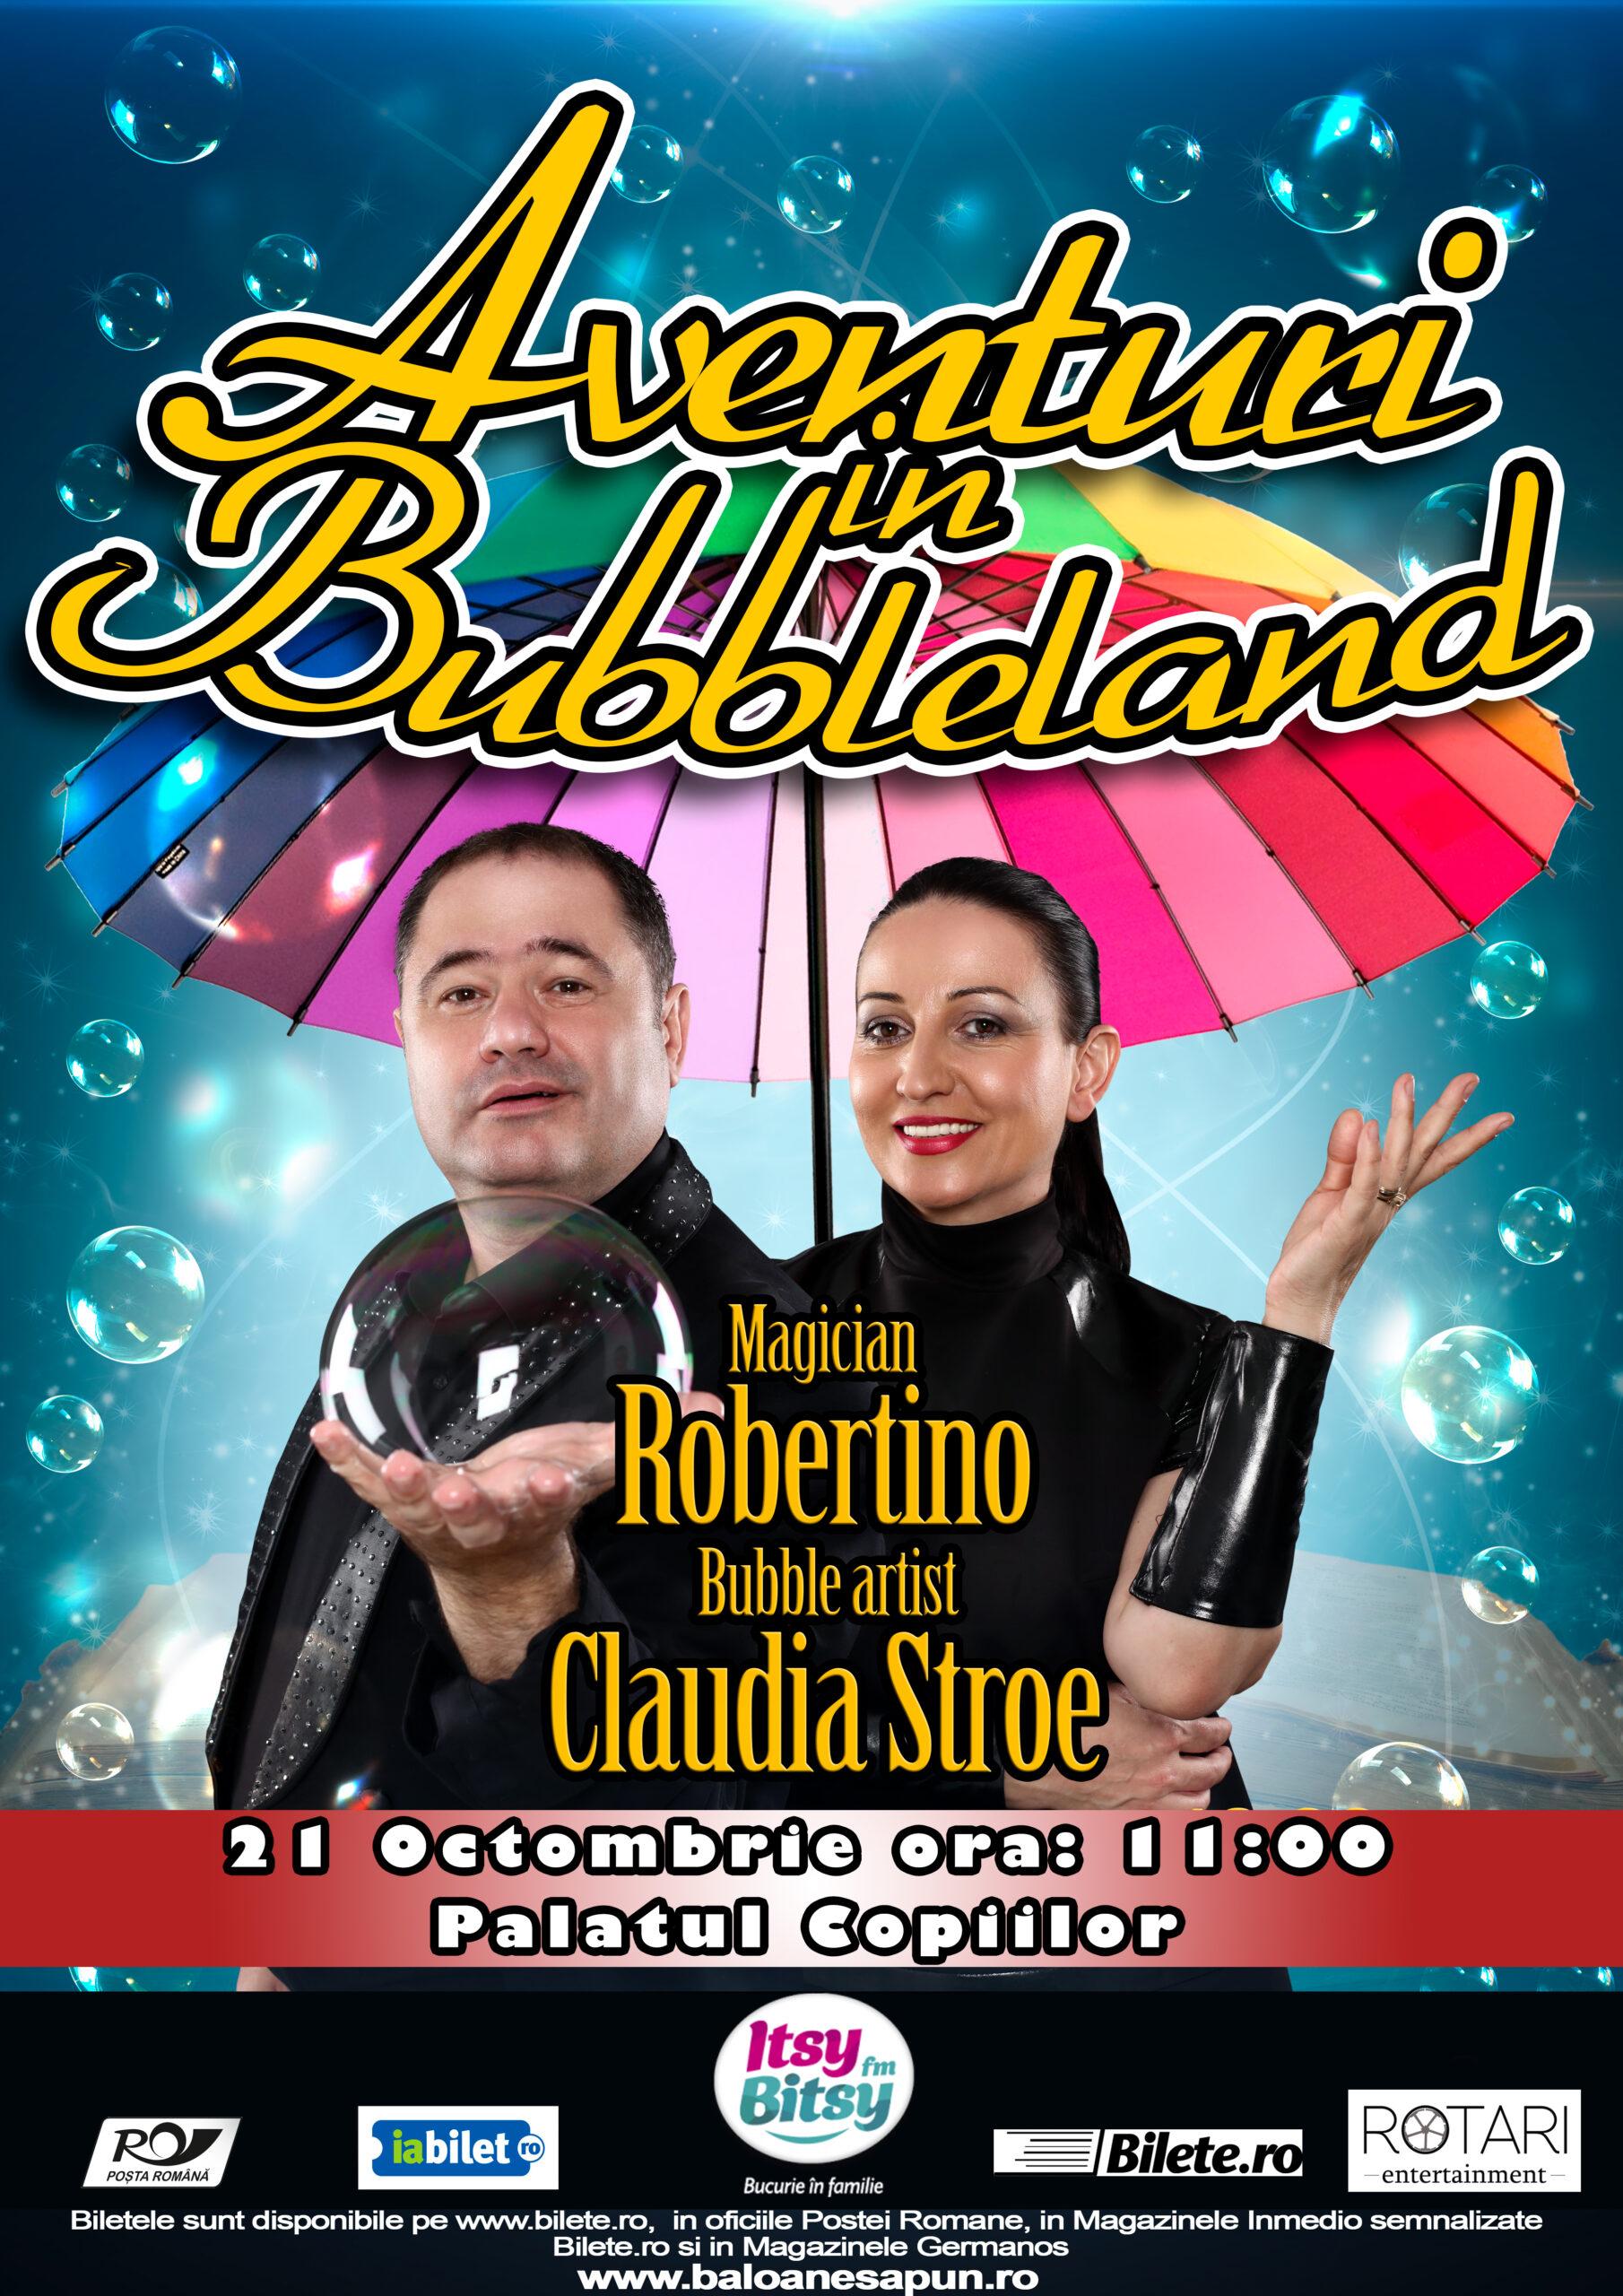 Aventuri în Bubbleland cu Bubble Artist Claudia Stroe și Magicianul Robertino 21 Octombrie 2017 la Palatul Național al Copiilor